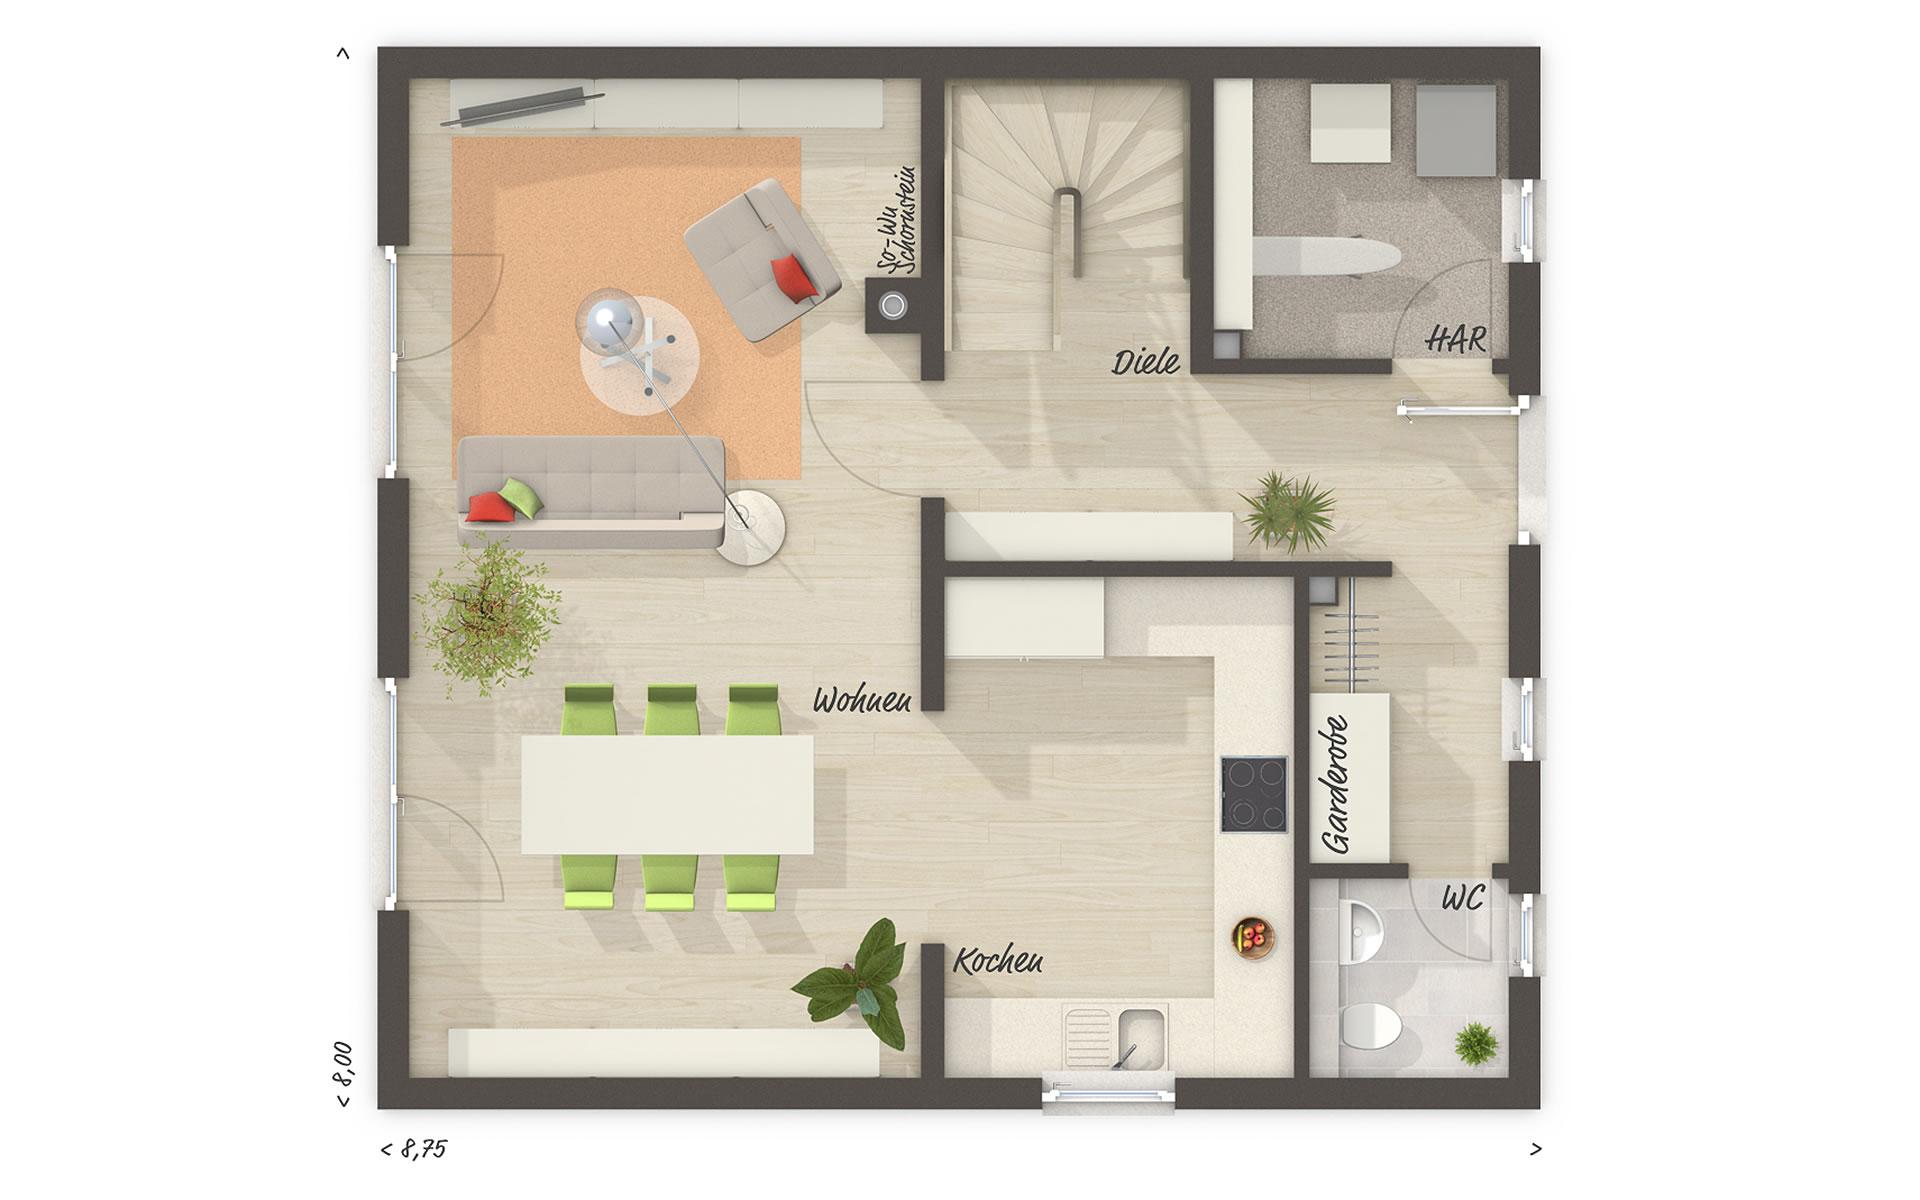 Erdgeschoss Raumwunder 100 von Town & Country Haus Lizenzgeber GmbH